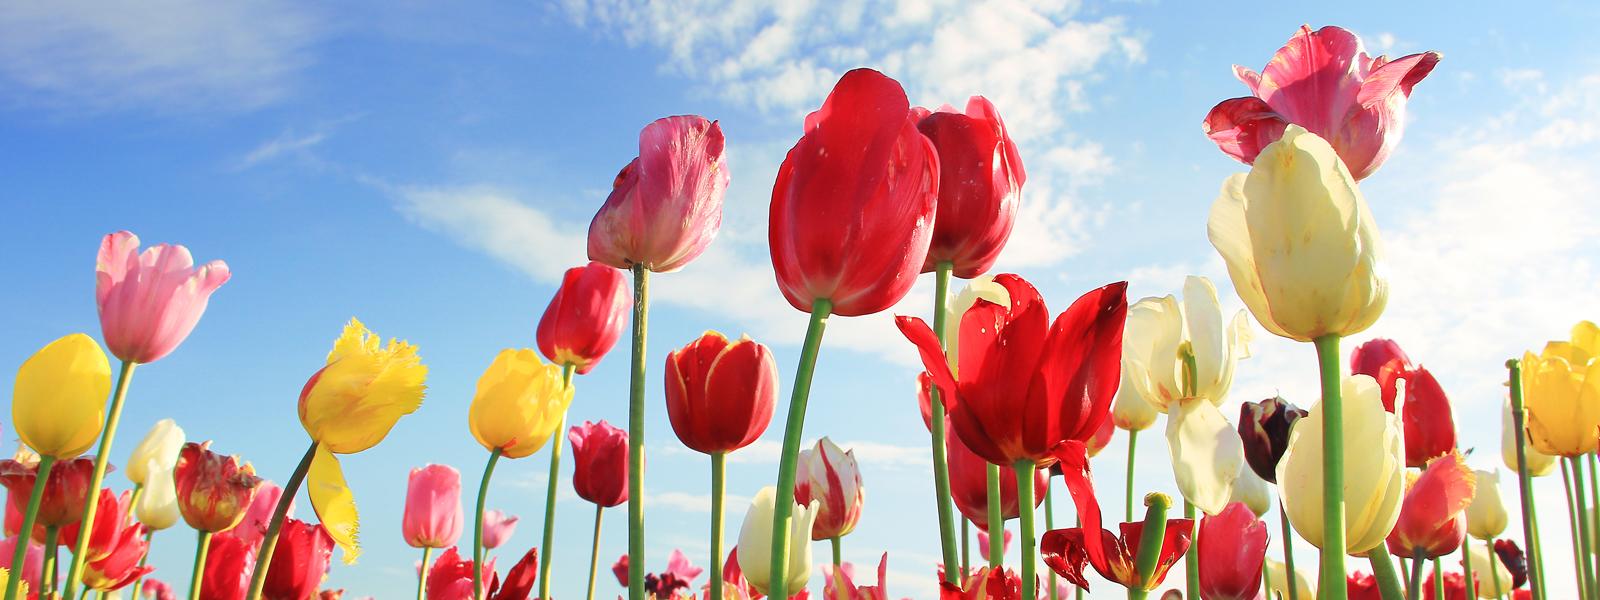 tulipsSlider